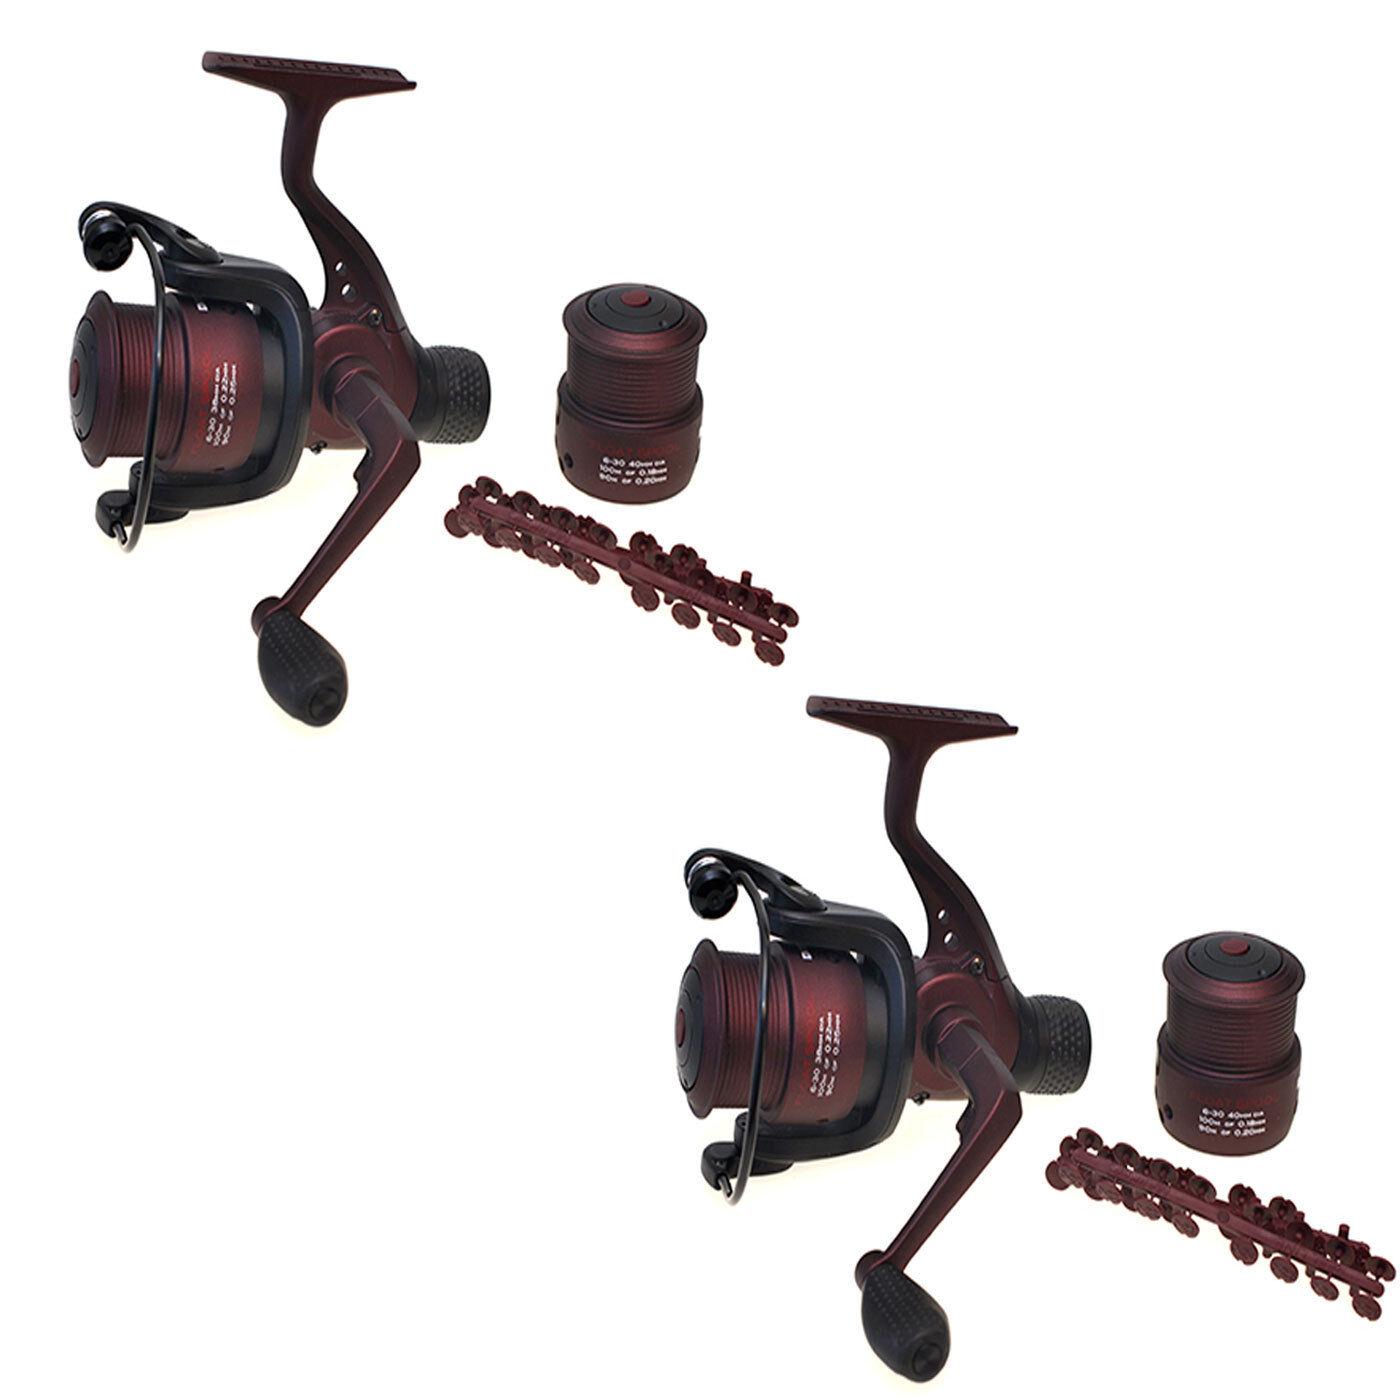 Drennan rouge Gamme 6-30 Float fishing reel x 2 (Paire)  Brand New  Livraison Gratuite